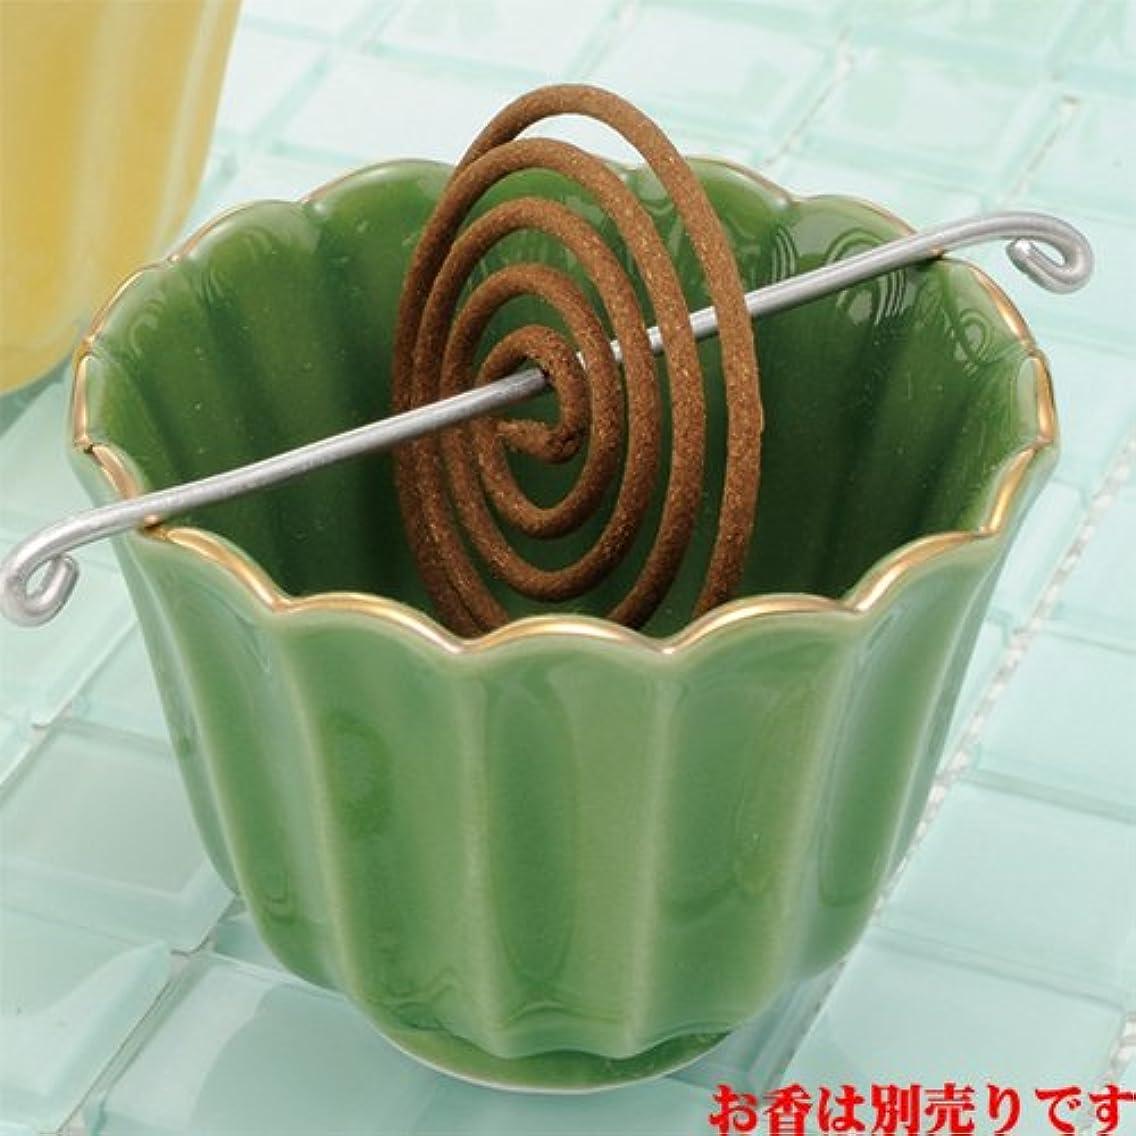 香皿 菊型 香鉢(織部) [R8xH6.3cm] プレゼント ギフト 和食器 かわいい インテリア